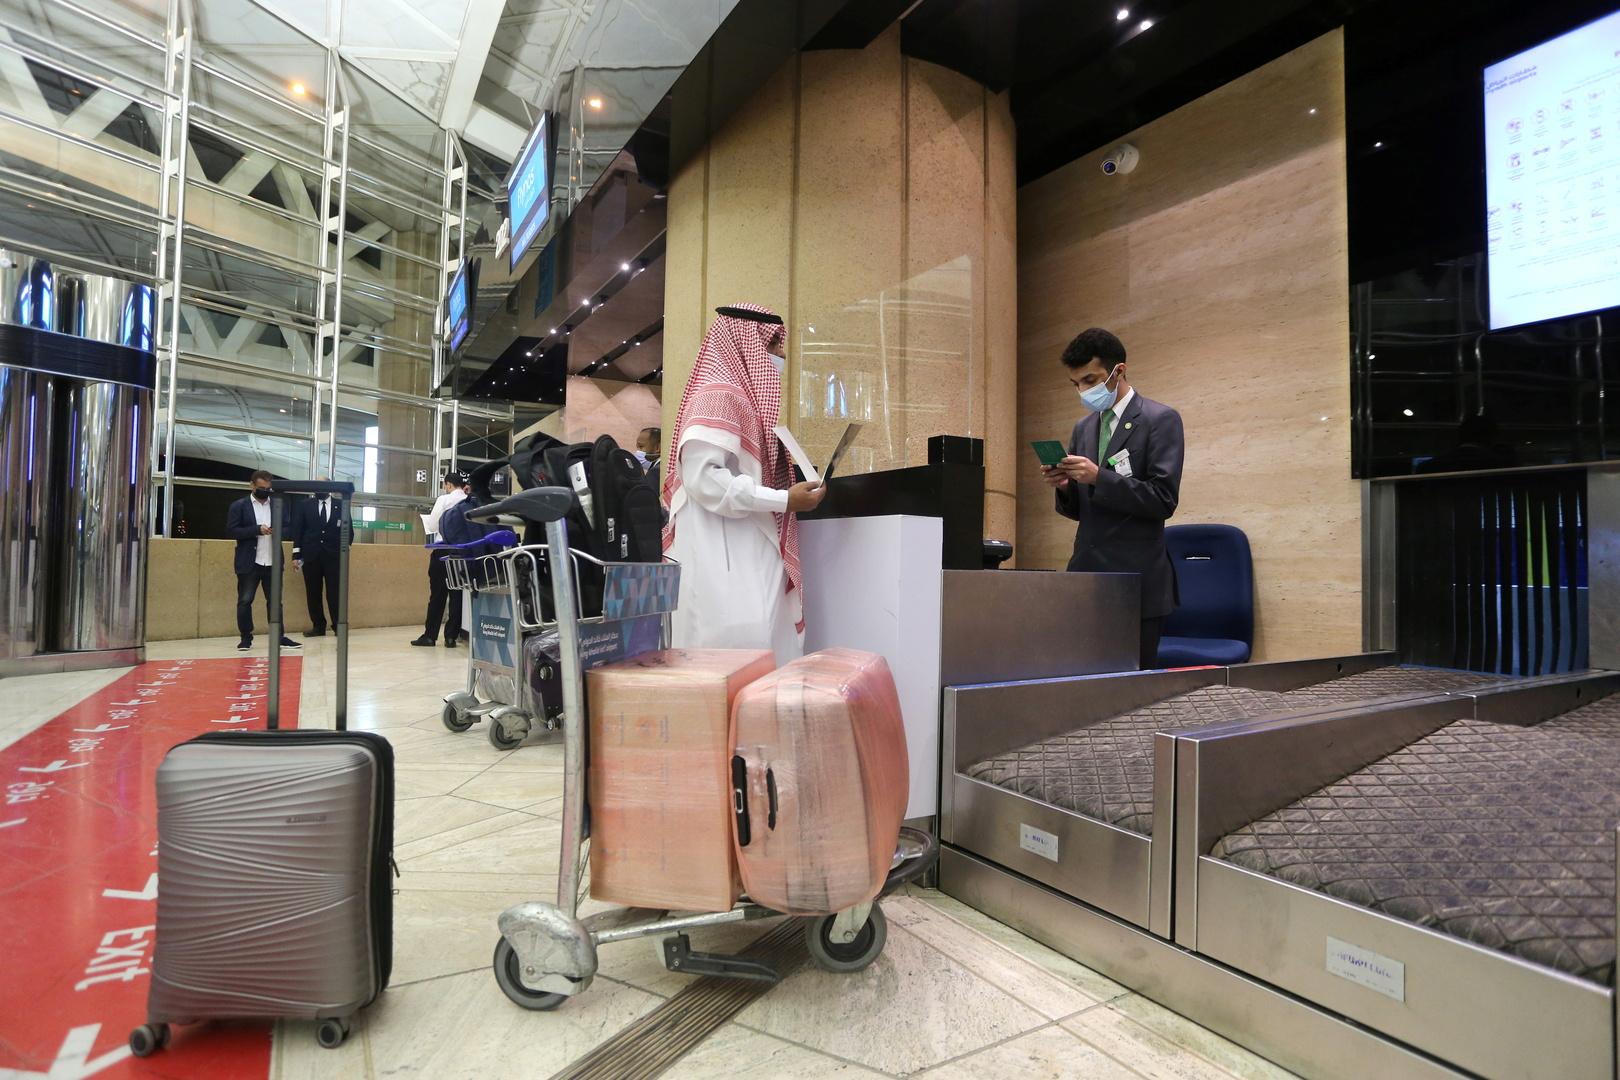 السعودية تشترط أخذ الجرعة الثانية من لقاح كورونا للسفر خارج البلاد